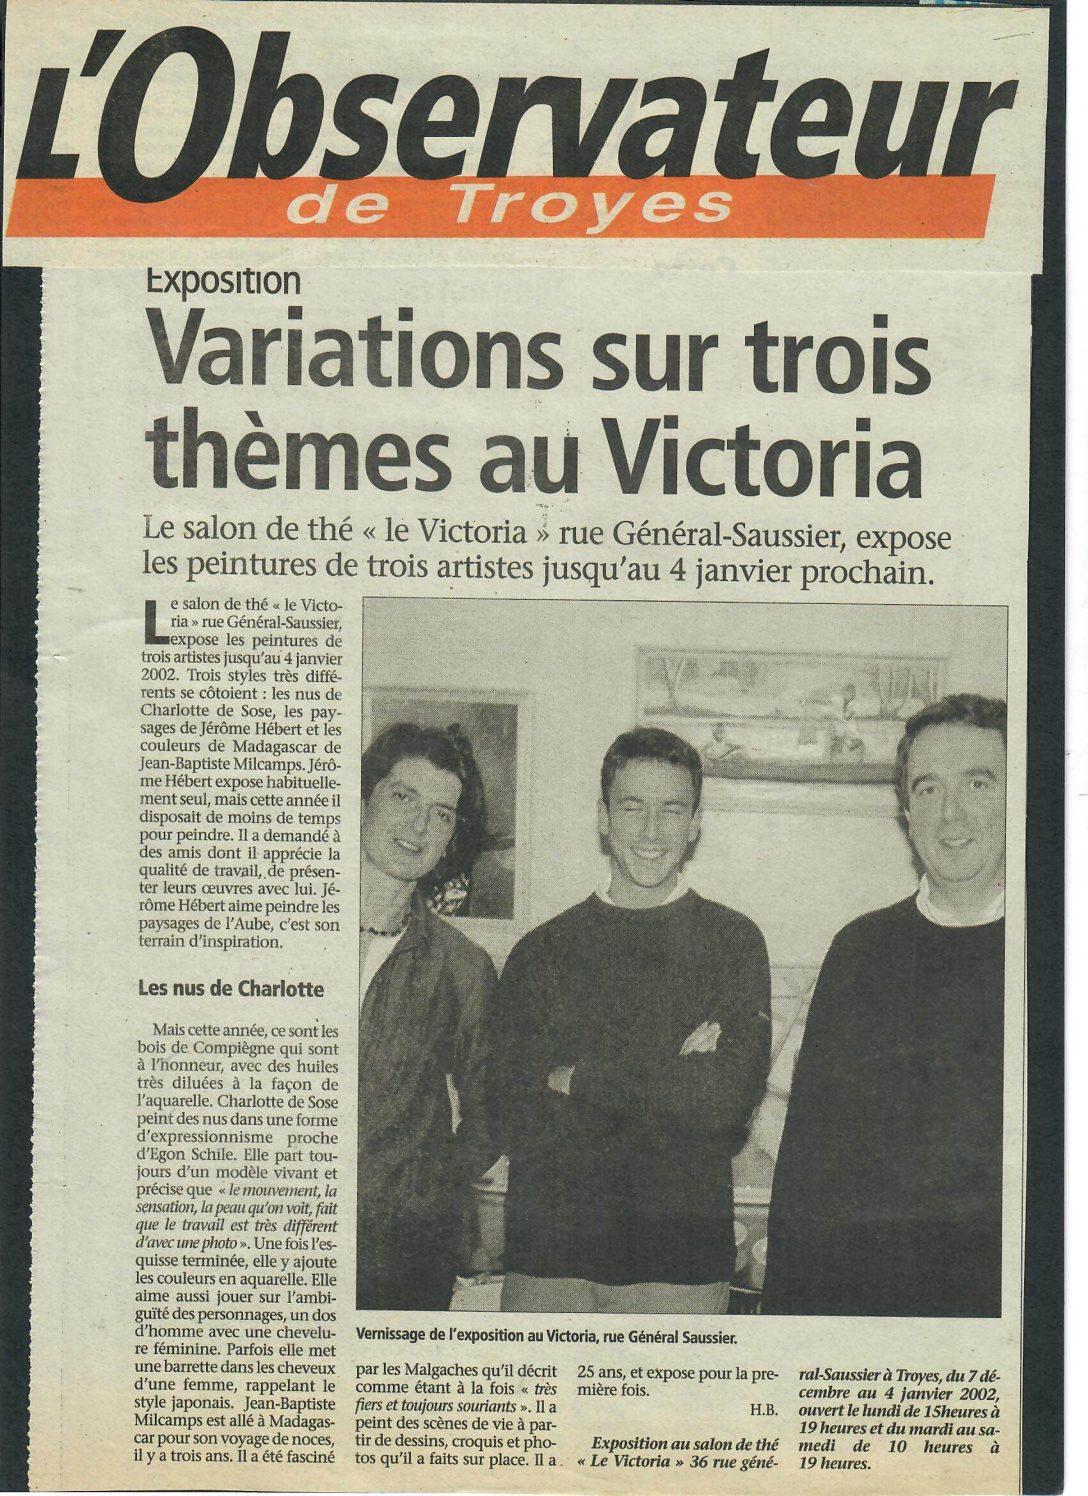 Exposition au salon de thé «Victoria»